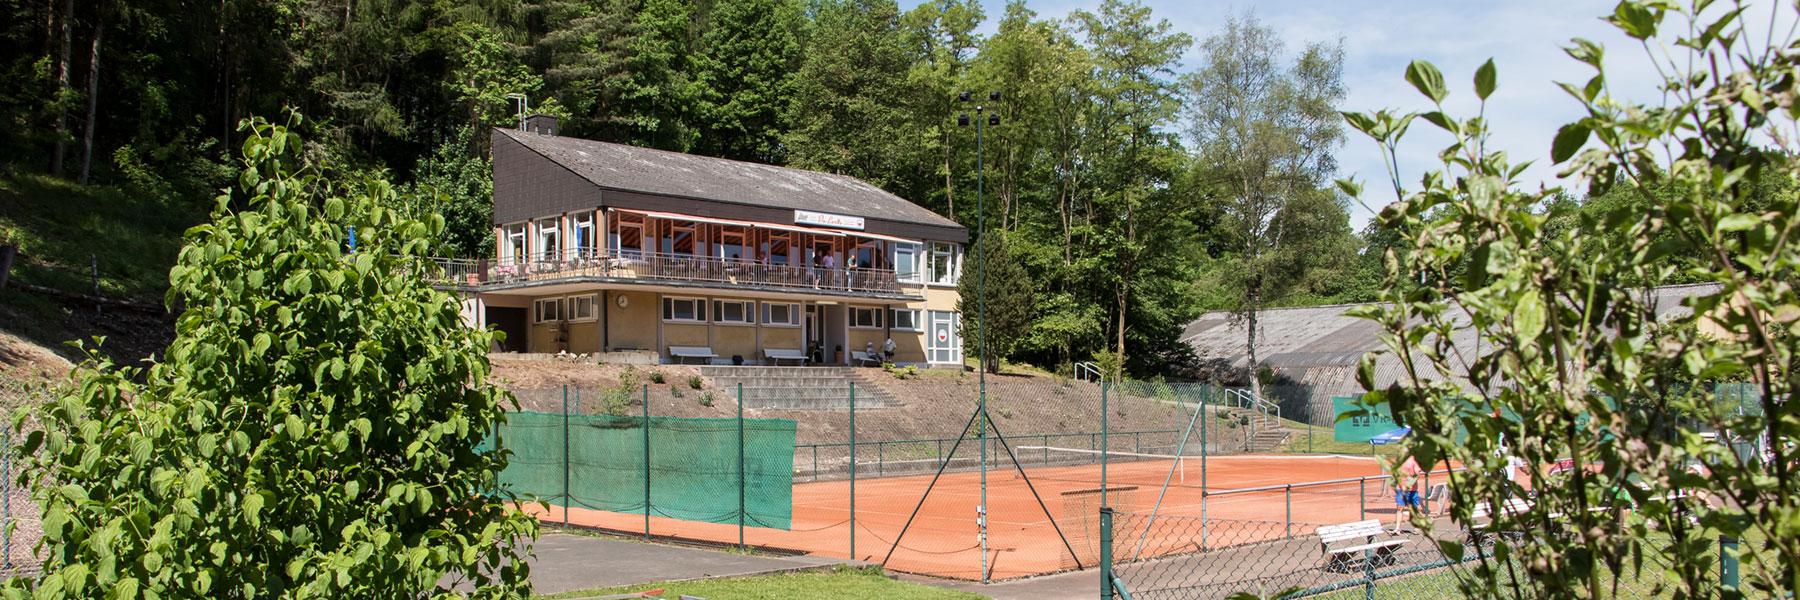 Ansicht auf das Vereinsheim des Tennisclub Weiß-Rot Coburg